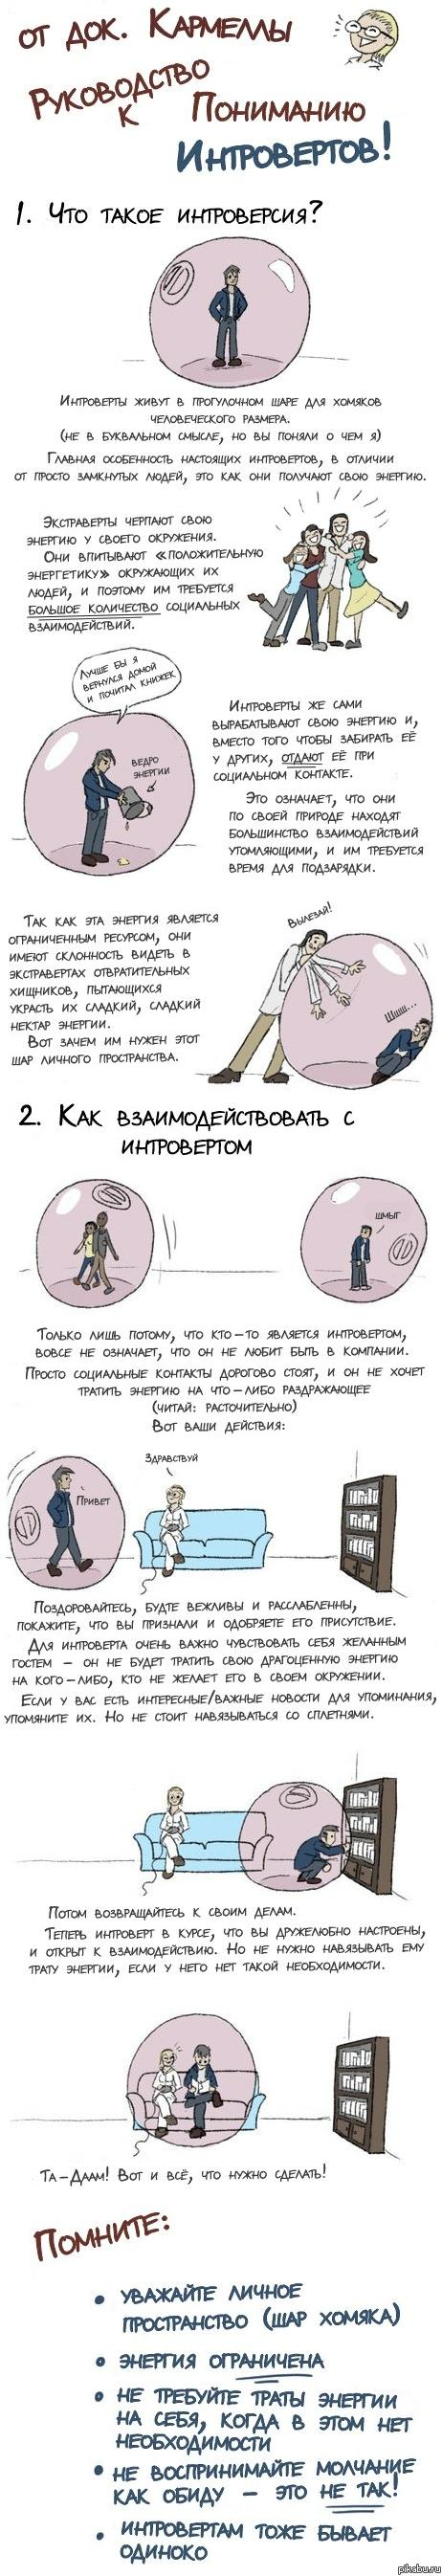 Инструкция по обращению с достоевским